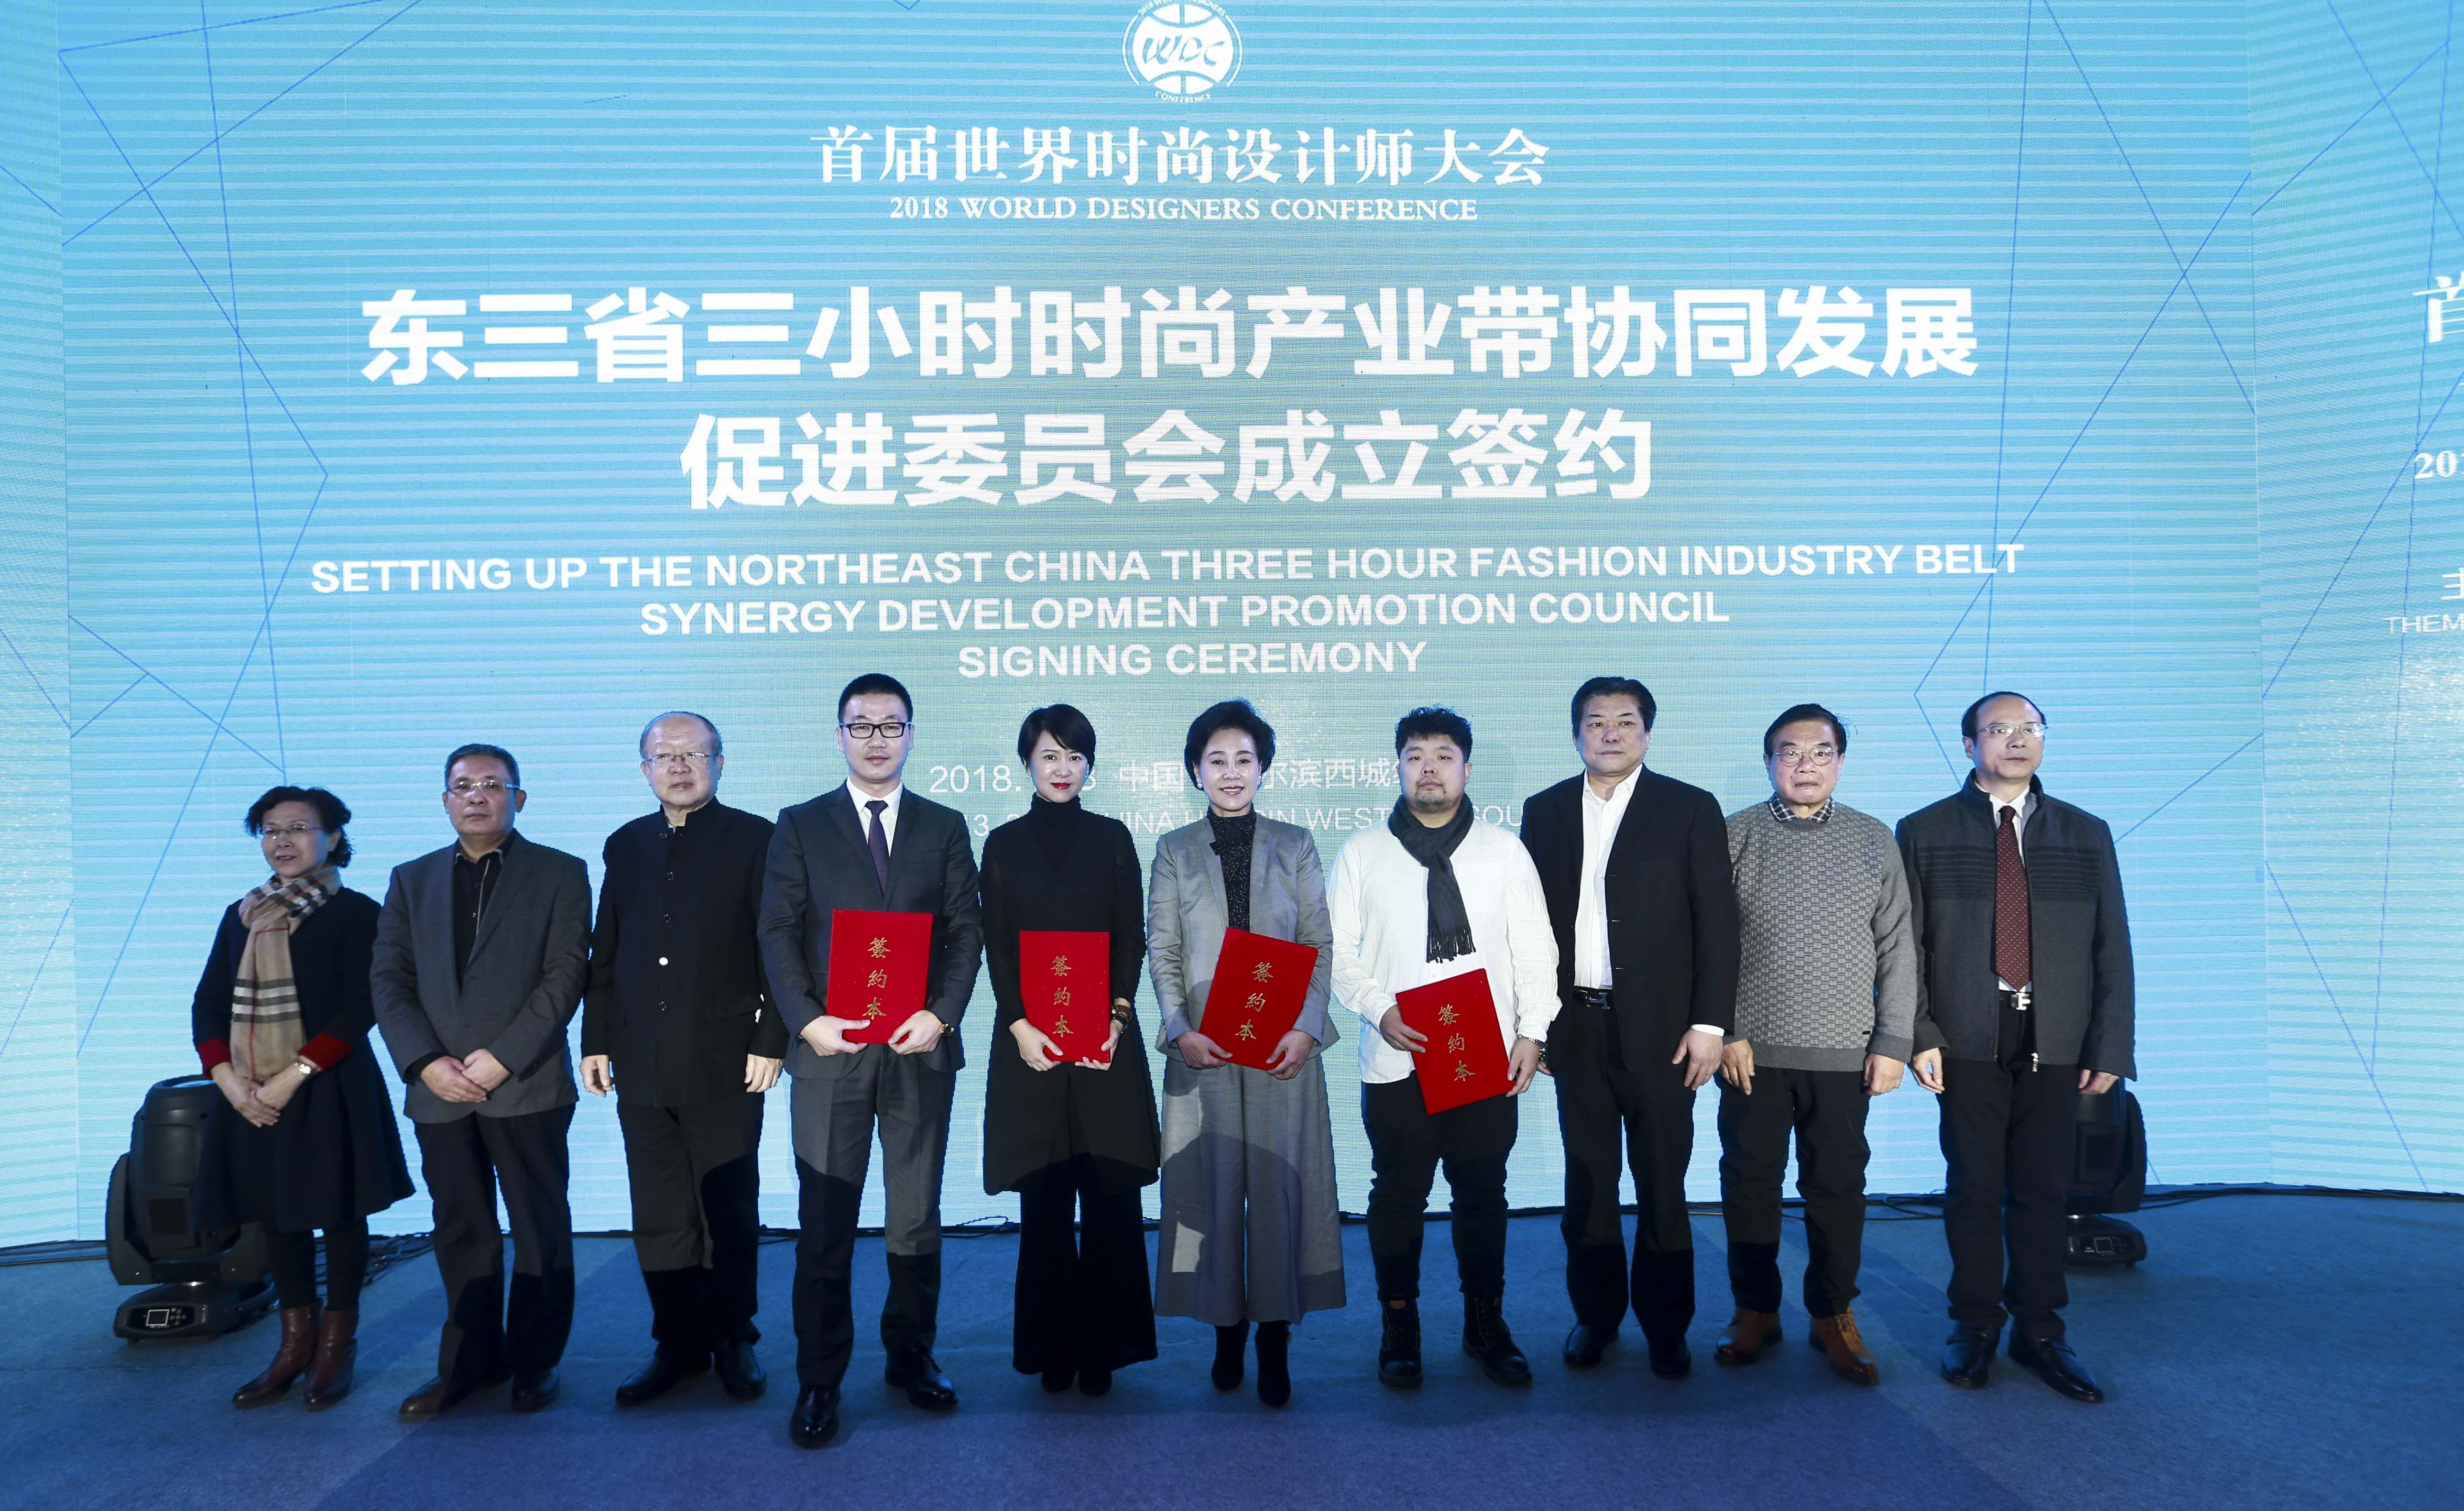 首届世界时尚设计师大会在哈尔滨举行 让时尚设计转化成生产力  重塑产业变革新